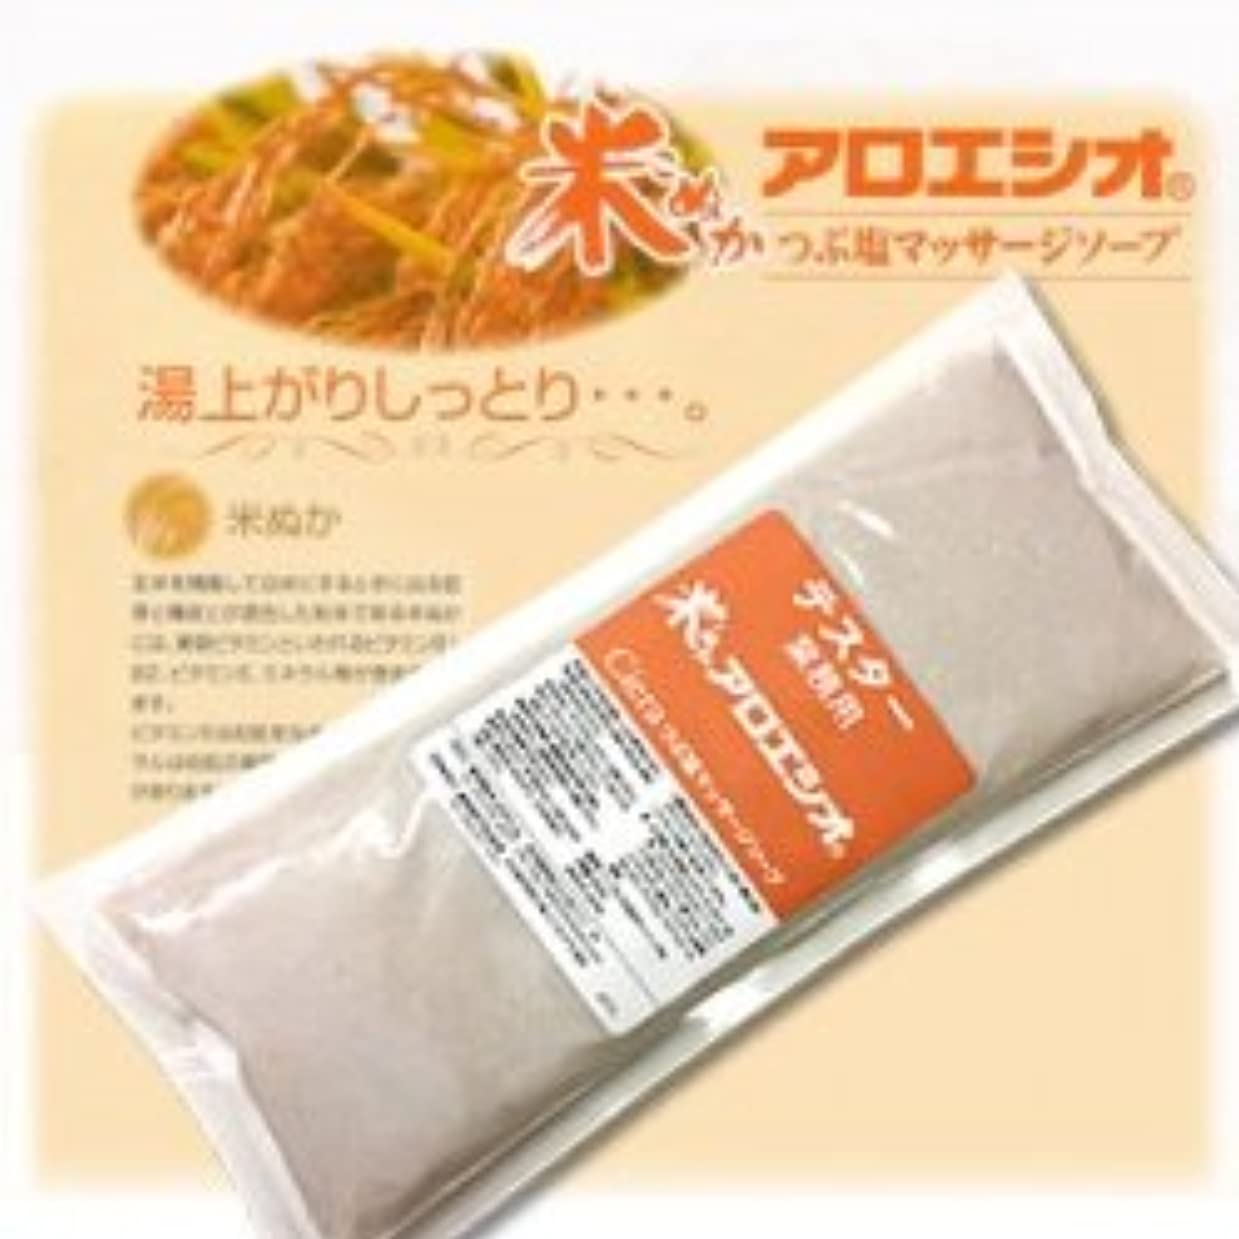 リップカメ道路業務用米ぬかアロエ塩 800g つぶ塩マッサージソープ/ フタバ化学 アロエシオ Ciera